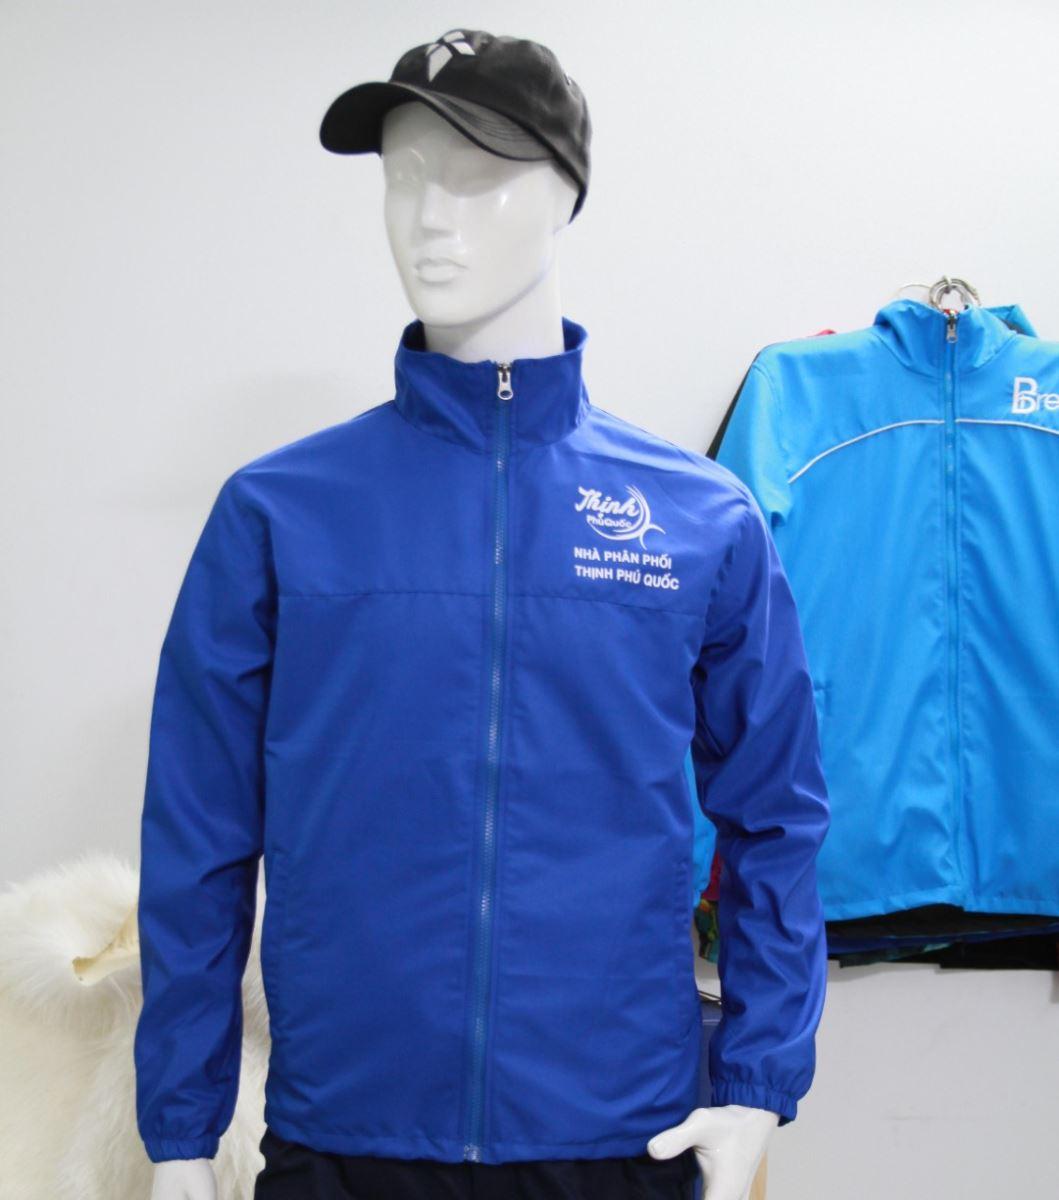 May áo khoác đồng phục tại Đà Nẵng - Địa điểm đáng tin cậy?